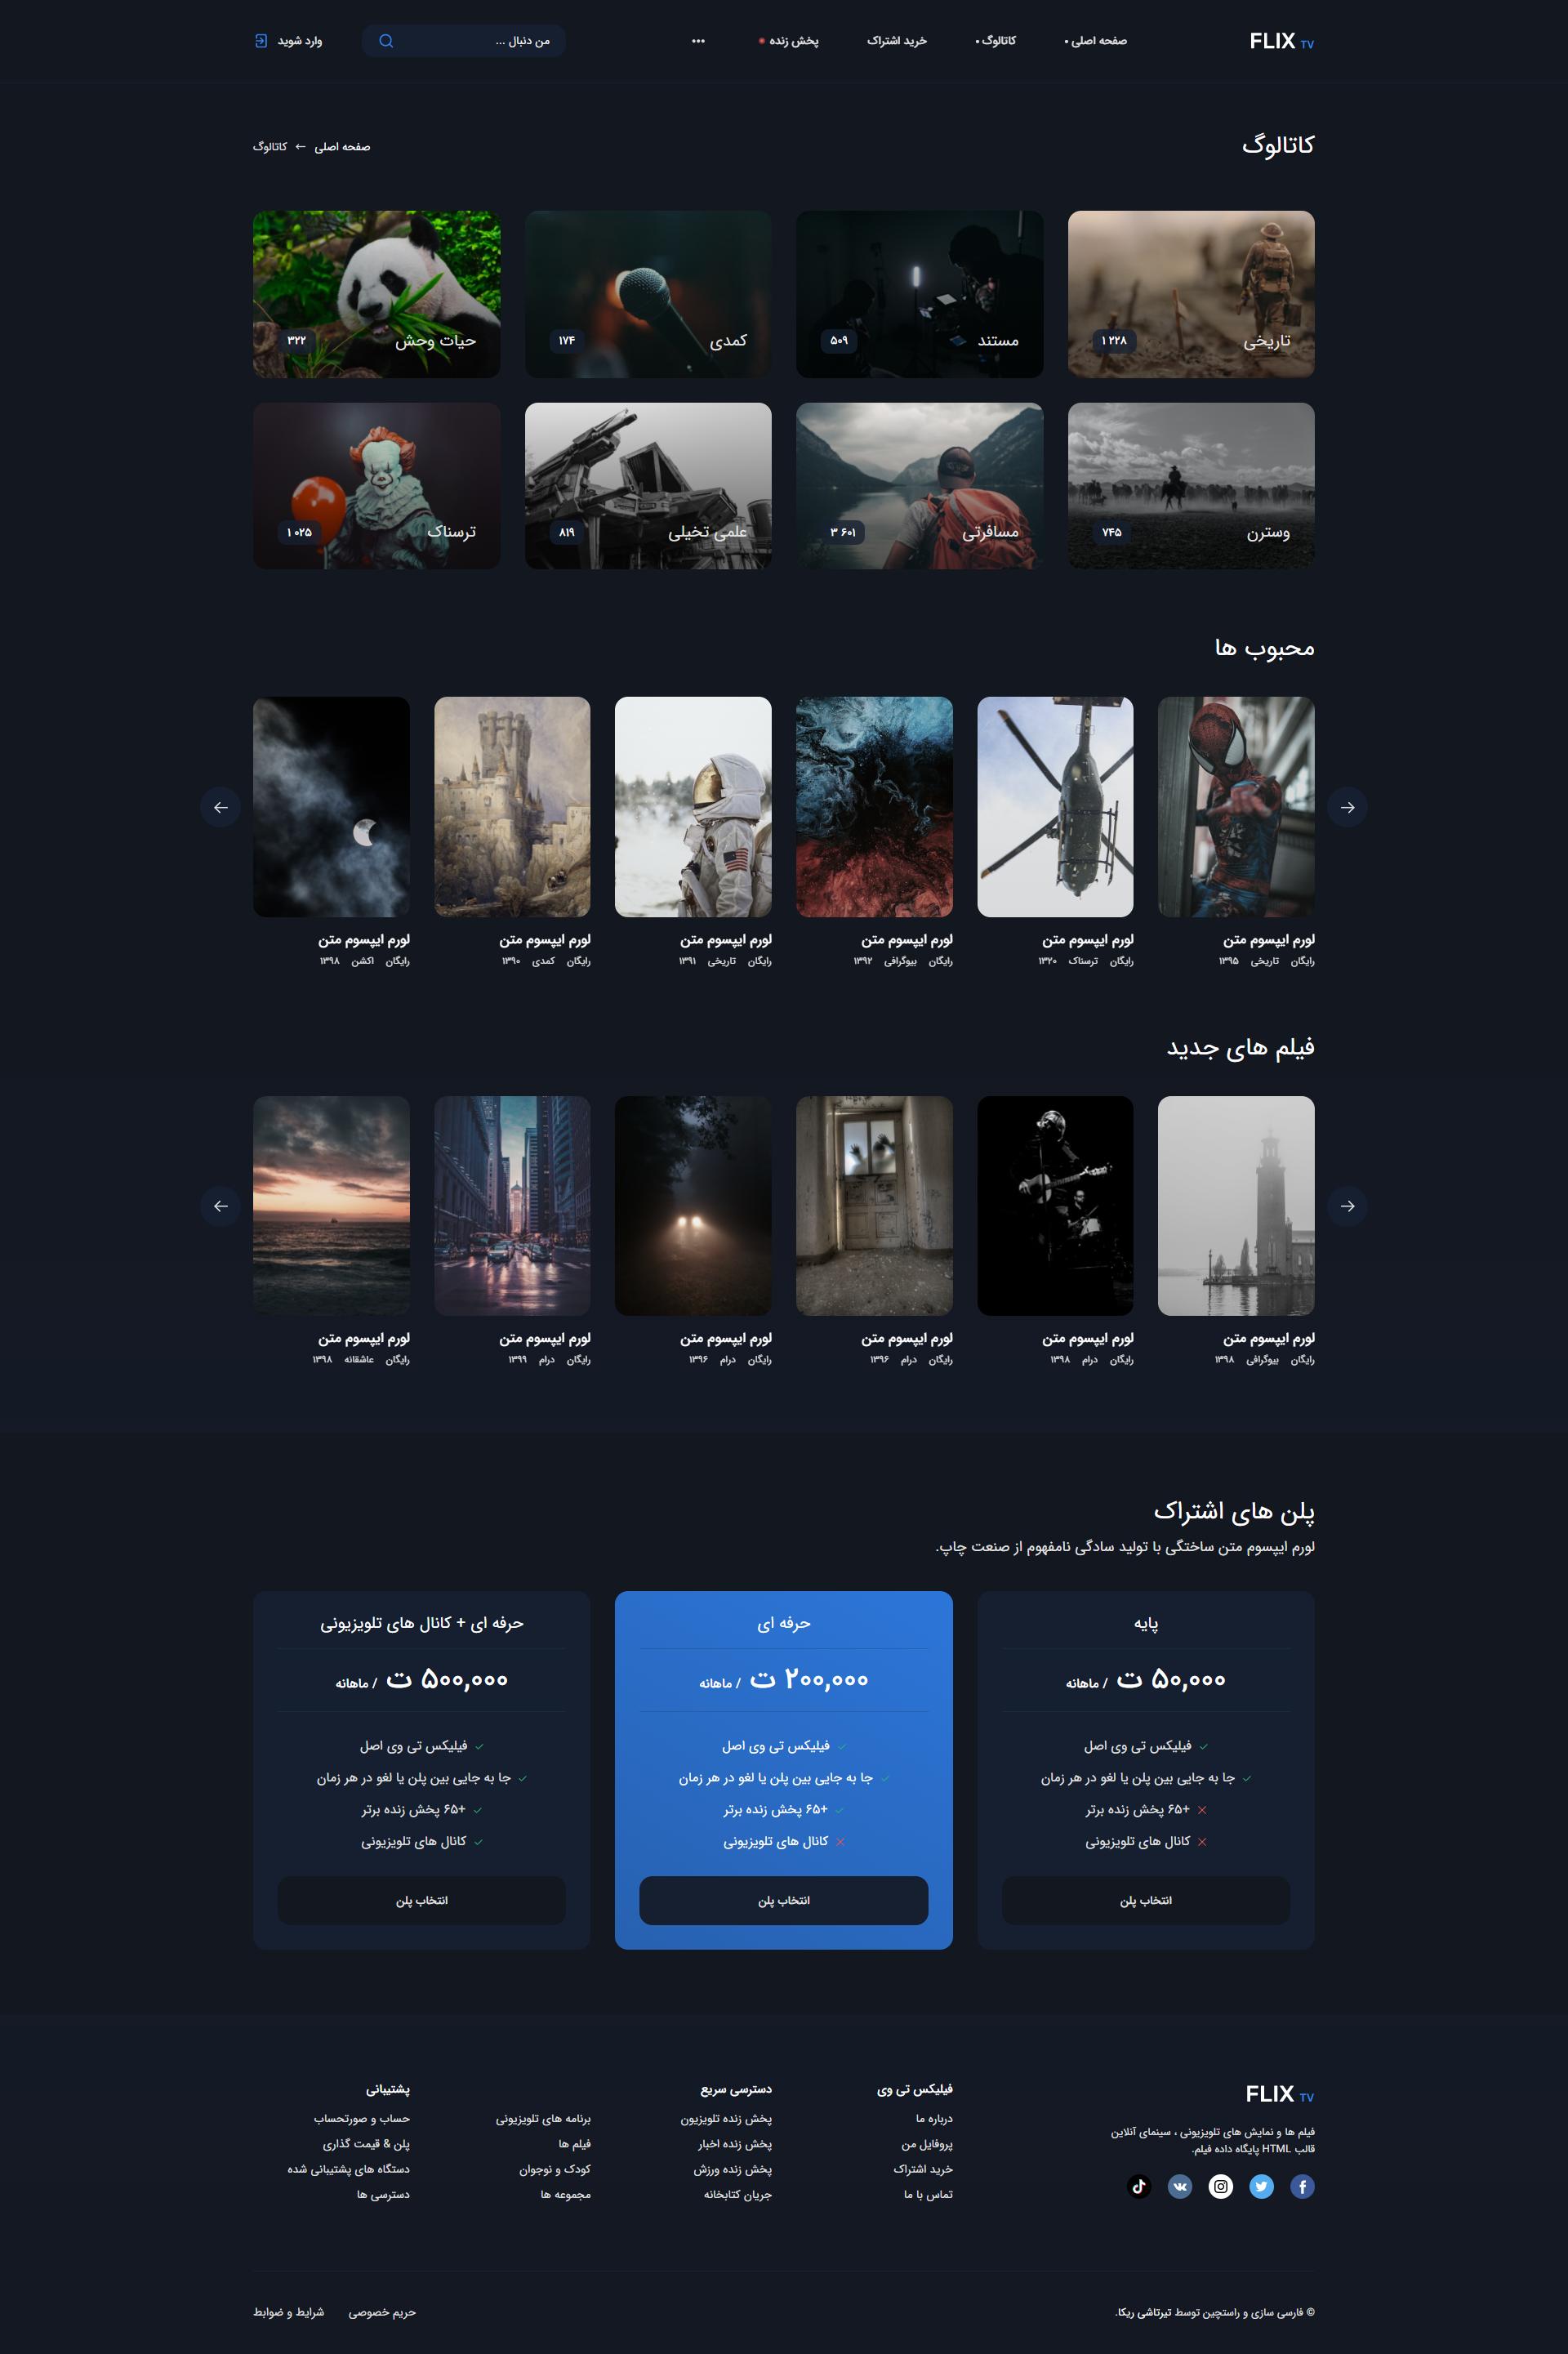 صفحه کاتالوگ قالب فلیکس تی وی